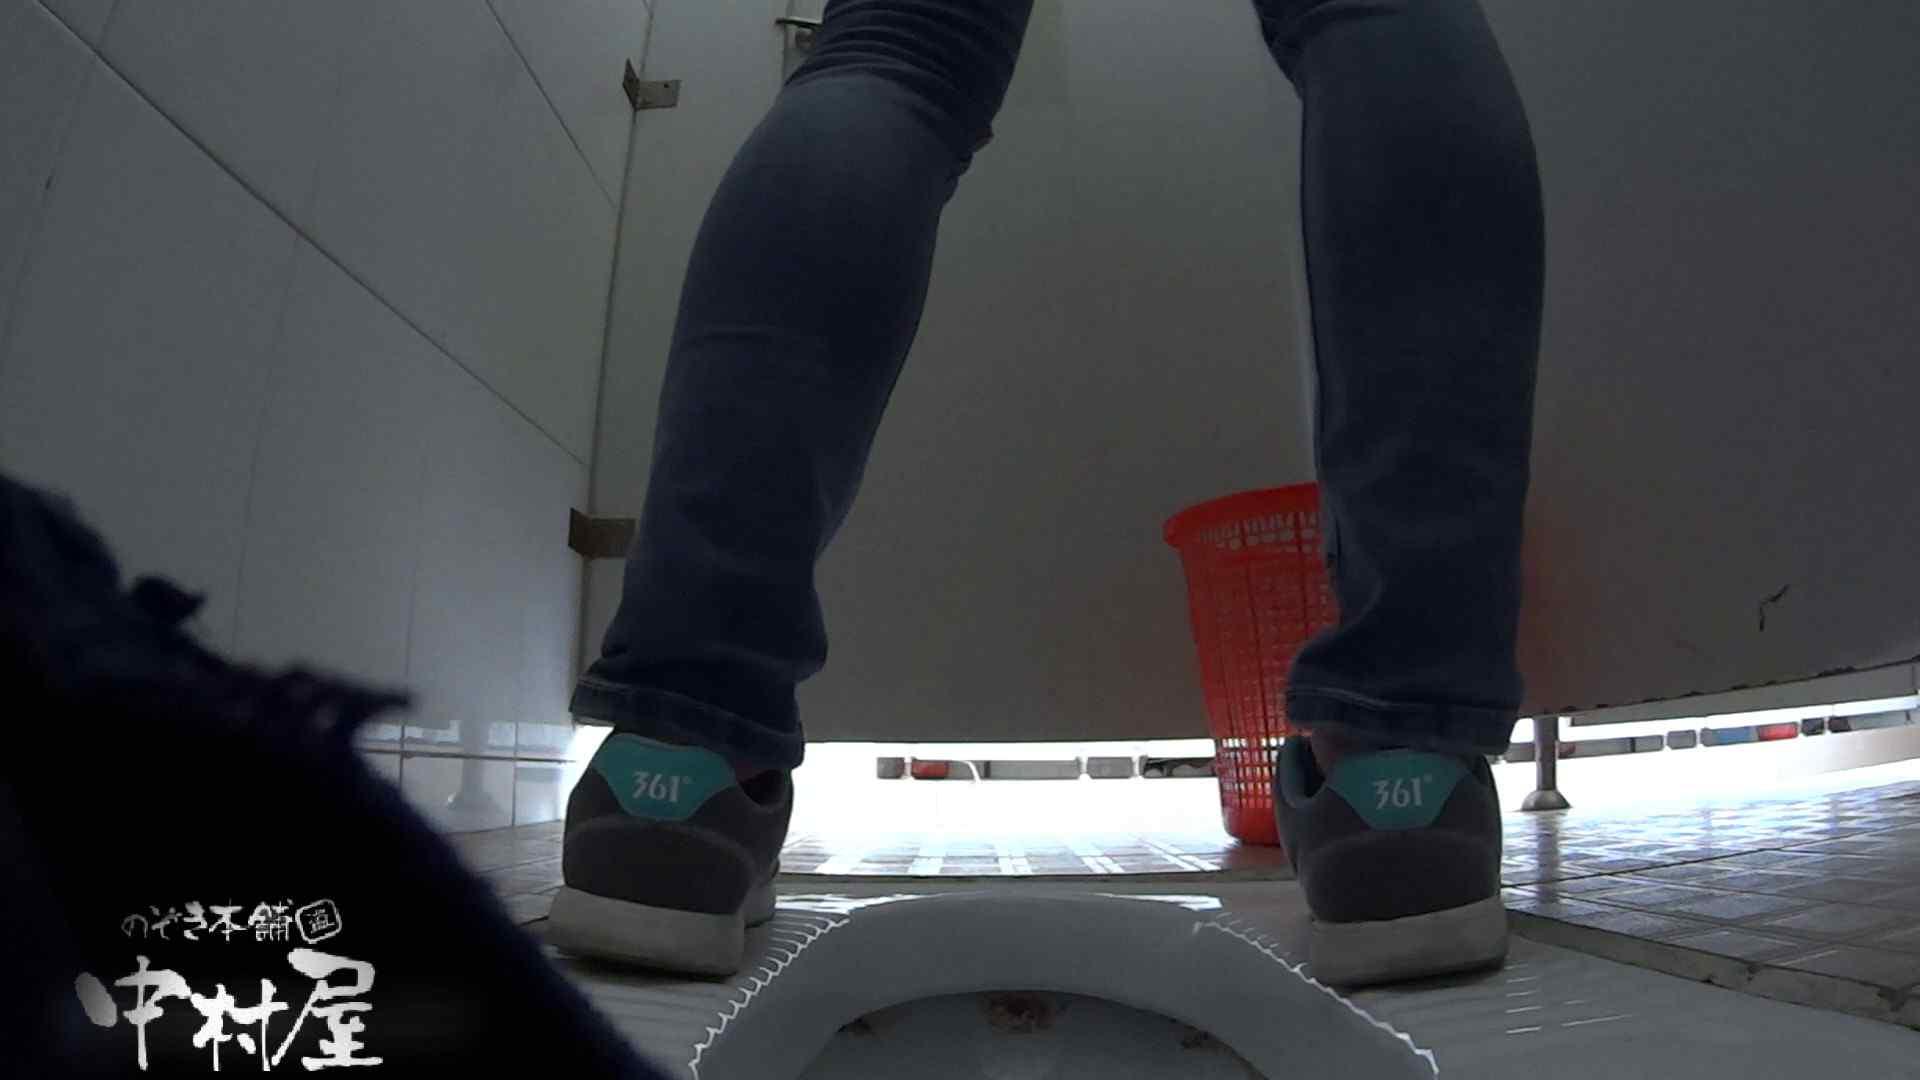 めくれ上がる陰部からの大聖水!大学休憩時間の洗面所事情27 盗撮 | 美女  87pic 52